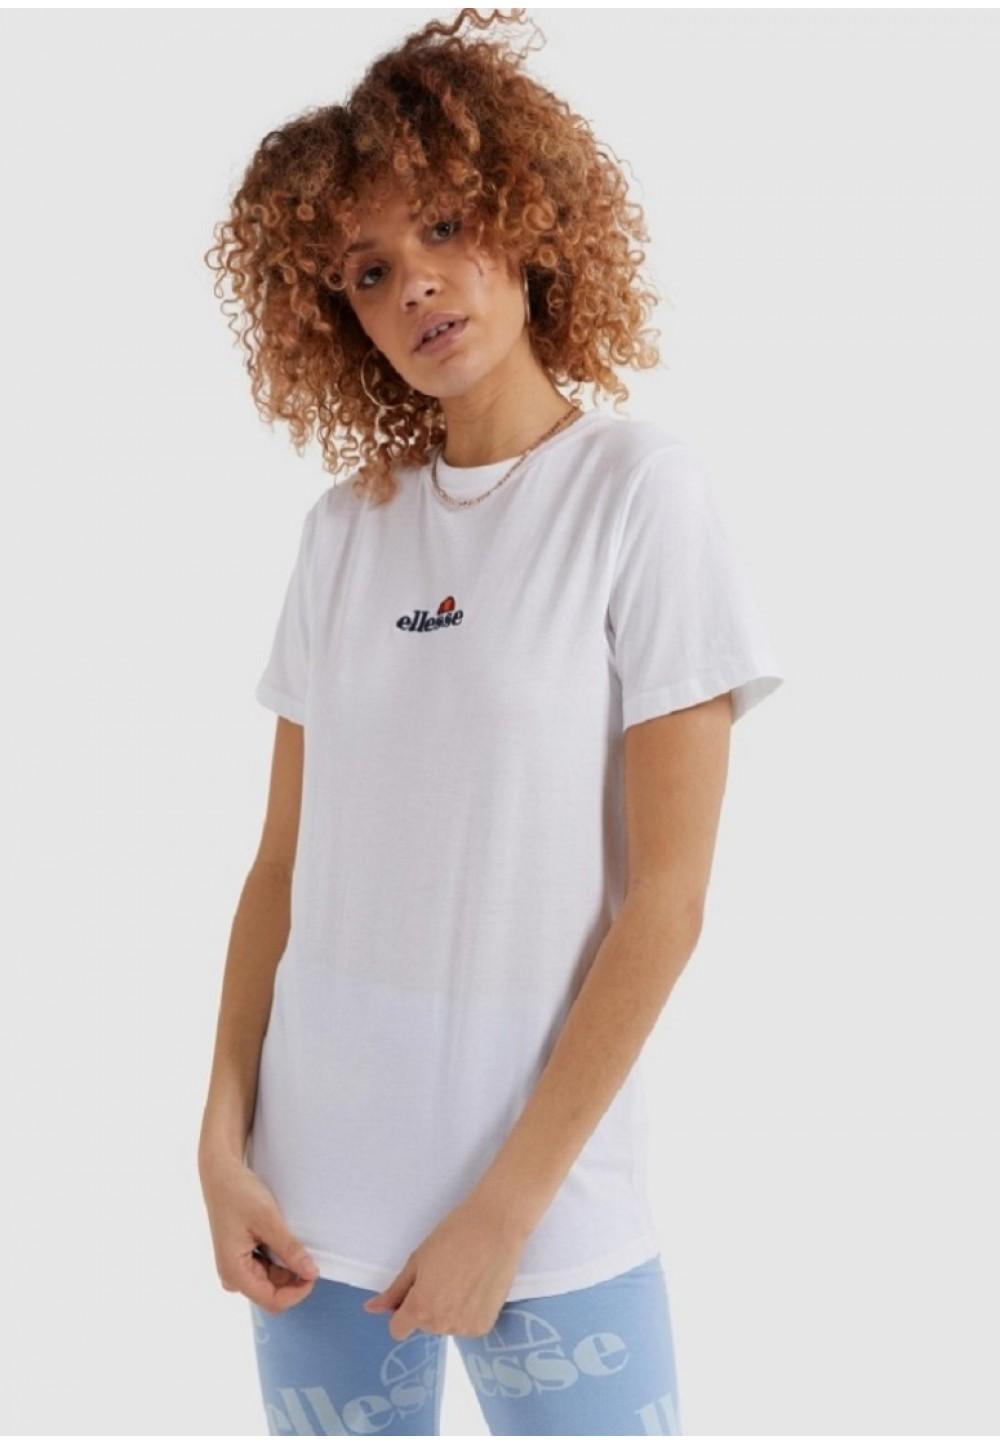 Біла футболка Nico прямого крою з логотипом